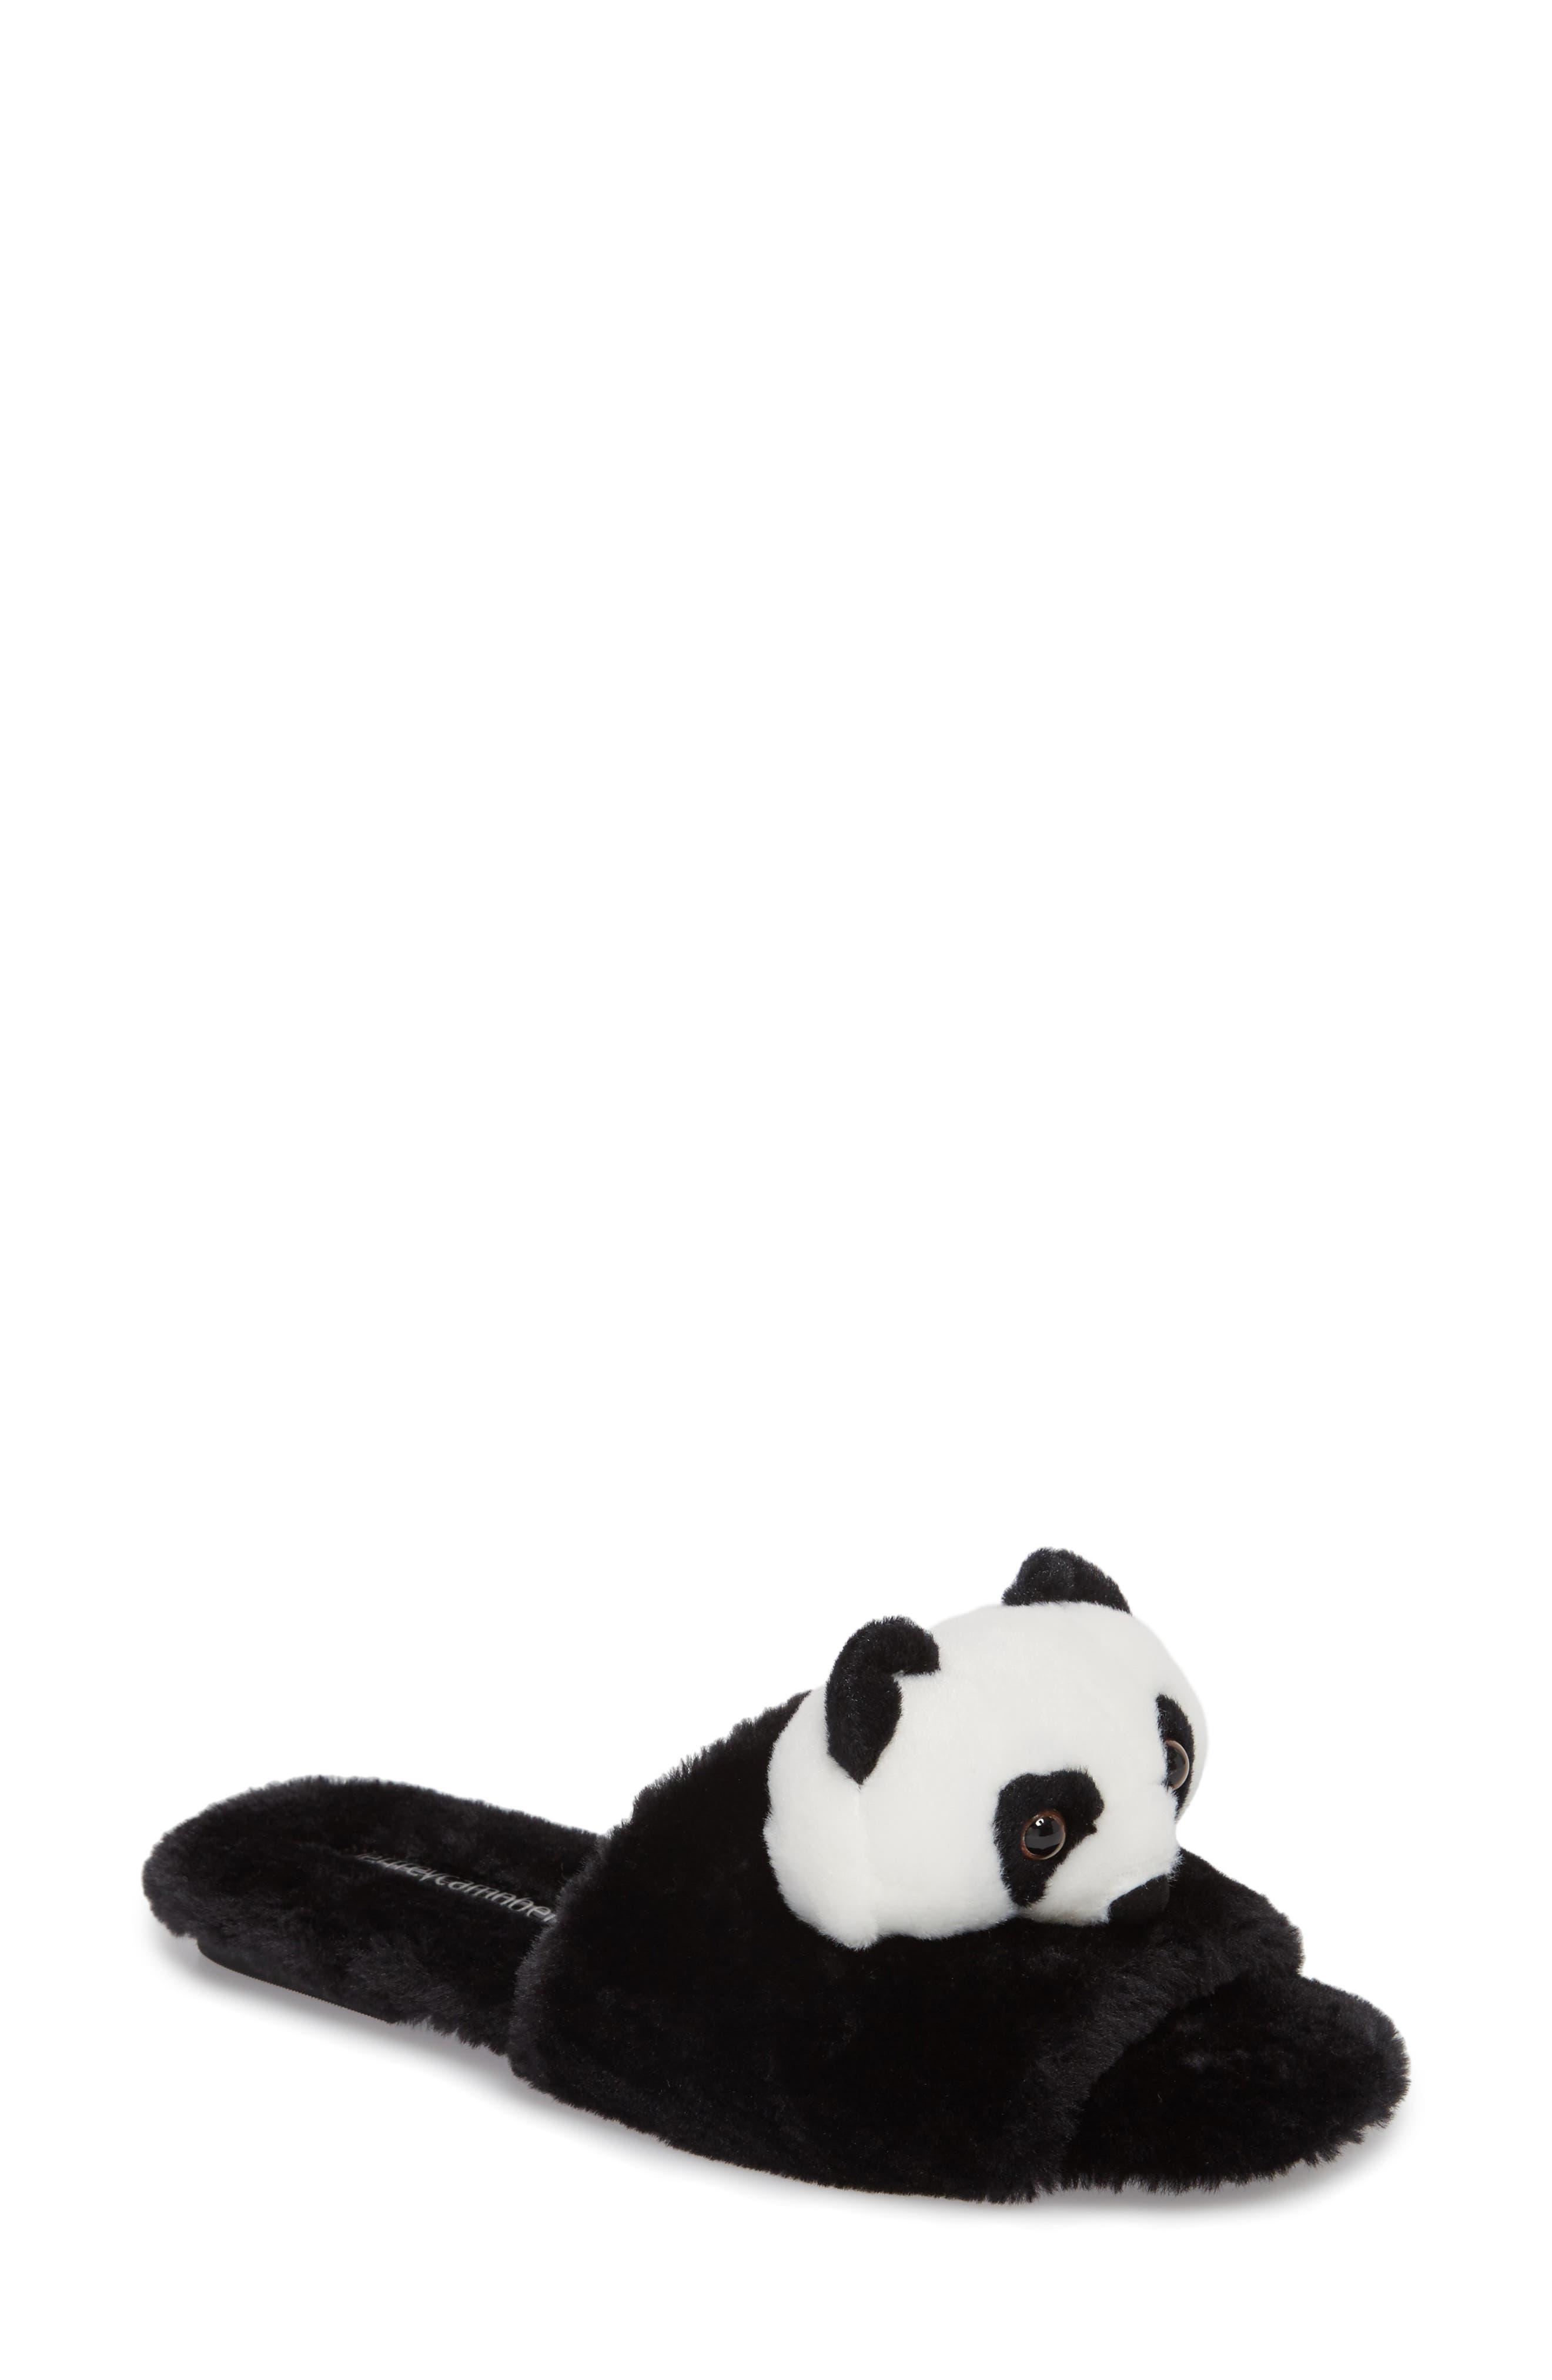 Plush Animal Slipper,                             Main thumbnail 1, color,                             001